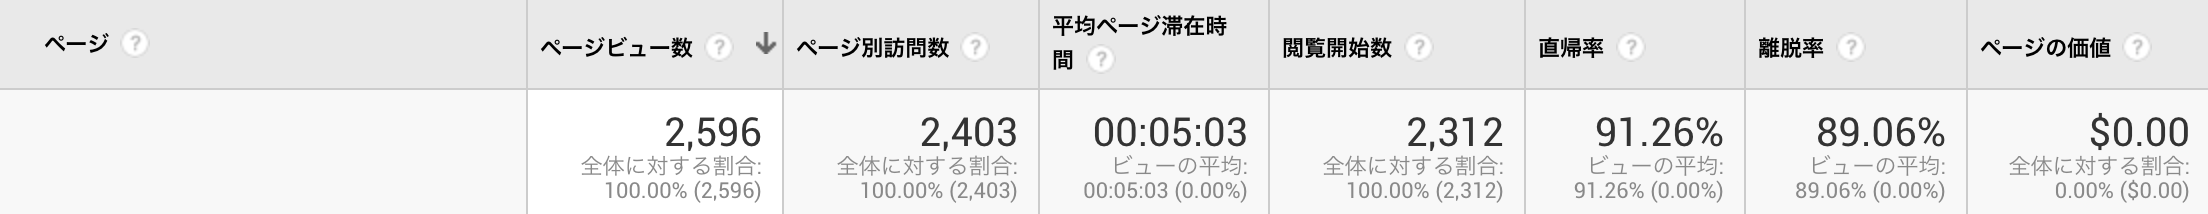 kohsukenemoto com 滞在時間